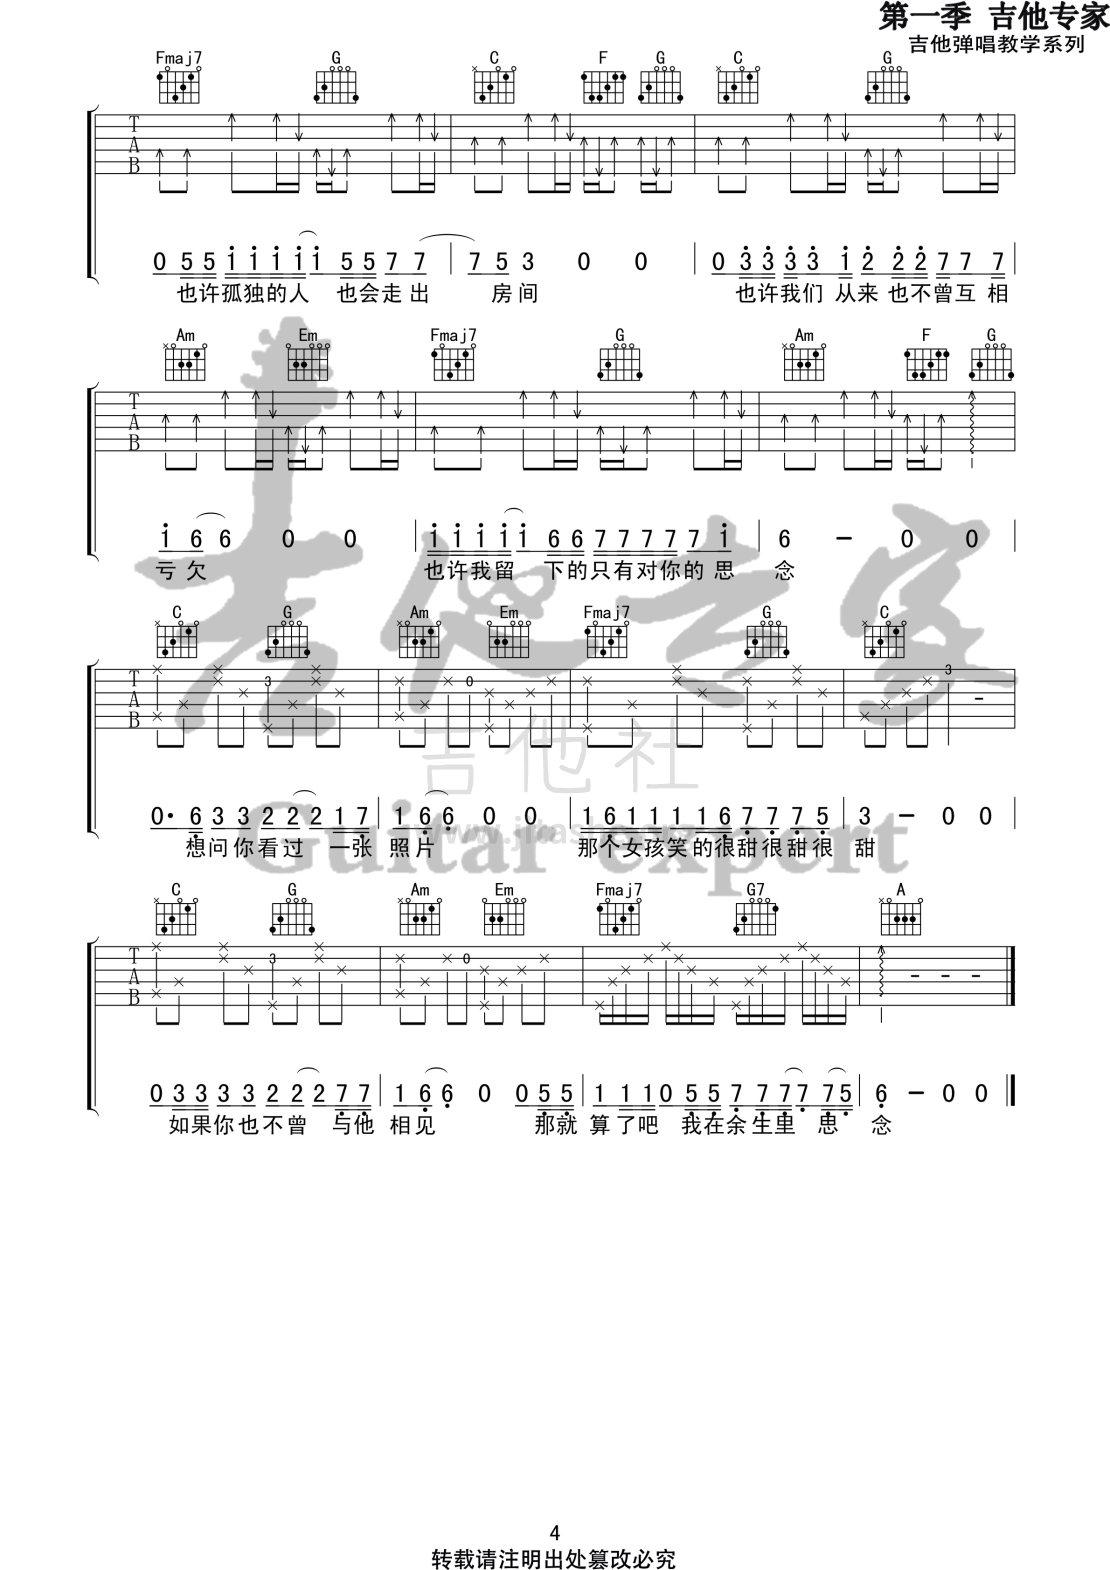 那个女孩(音艺吉他专家弹唱教学:第一季第38集)吉他谱(图片谱,弹唱,伴奏,教程)_张泽熙_那个女孩4 第一季第三十八集.jpg